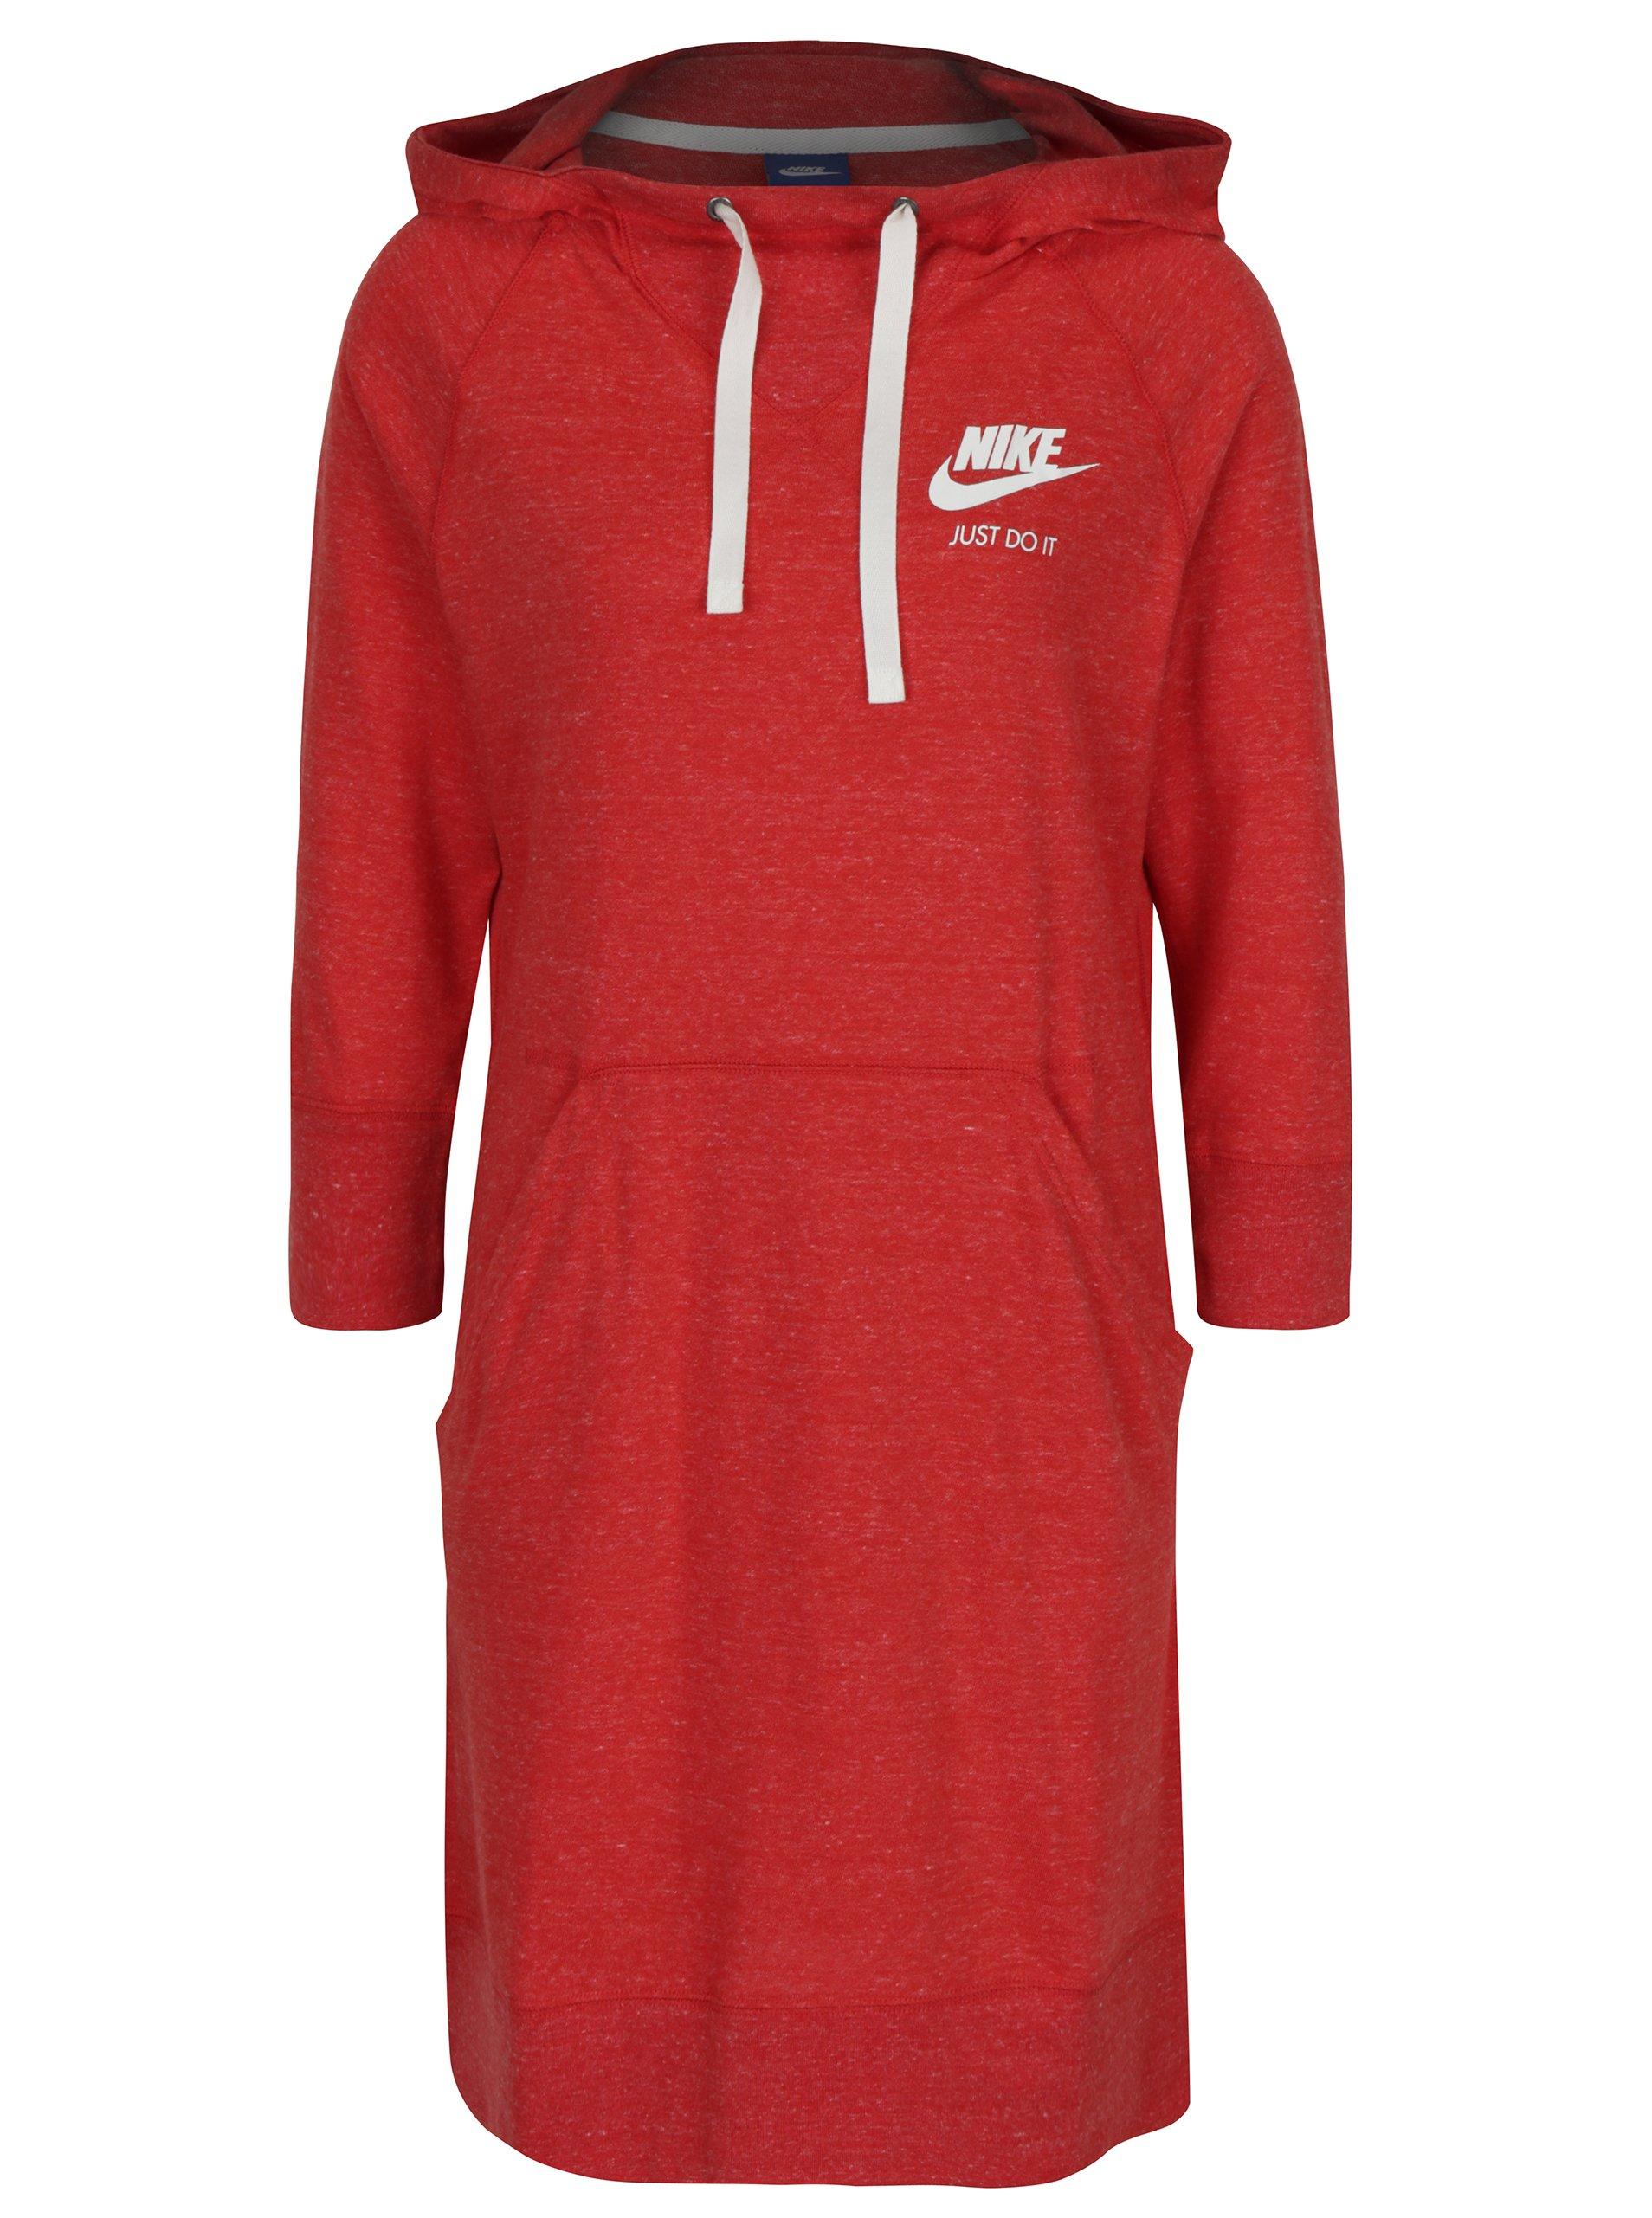 Červené sportovní žíhané šaty s kapucí Nike Sportswear Gym